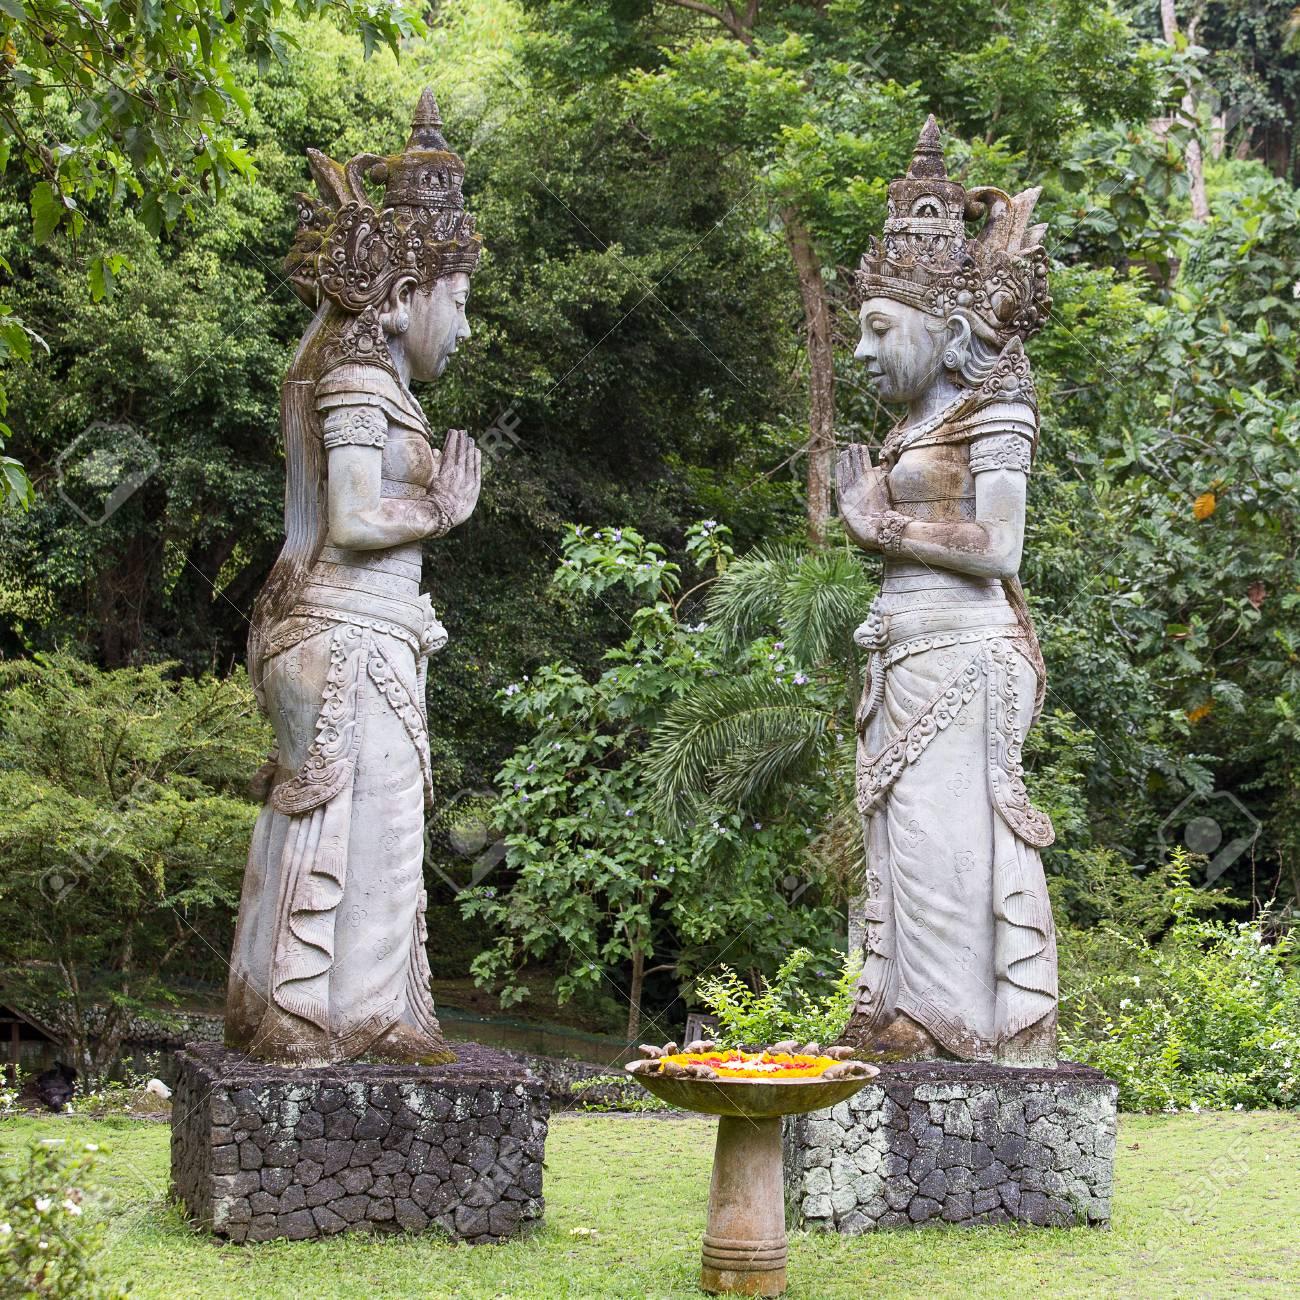 Escultura De Piedra Tradicional En El Jardin La Isla De Bali Ubud - Escultura-jardin